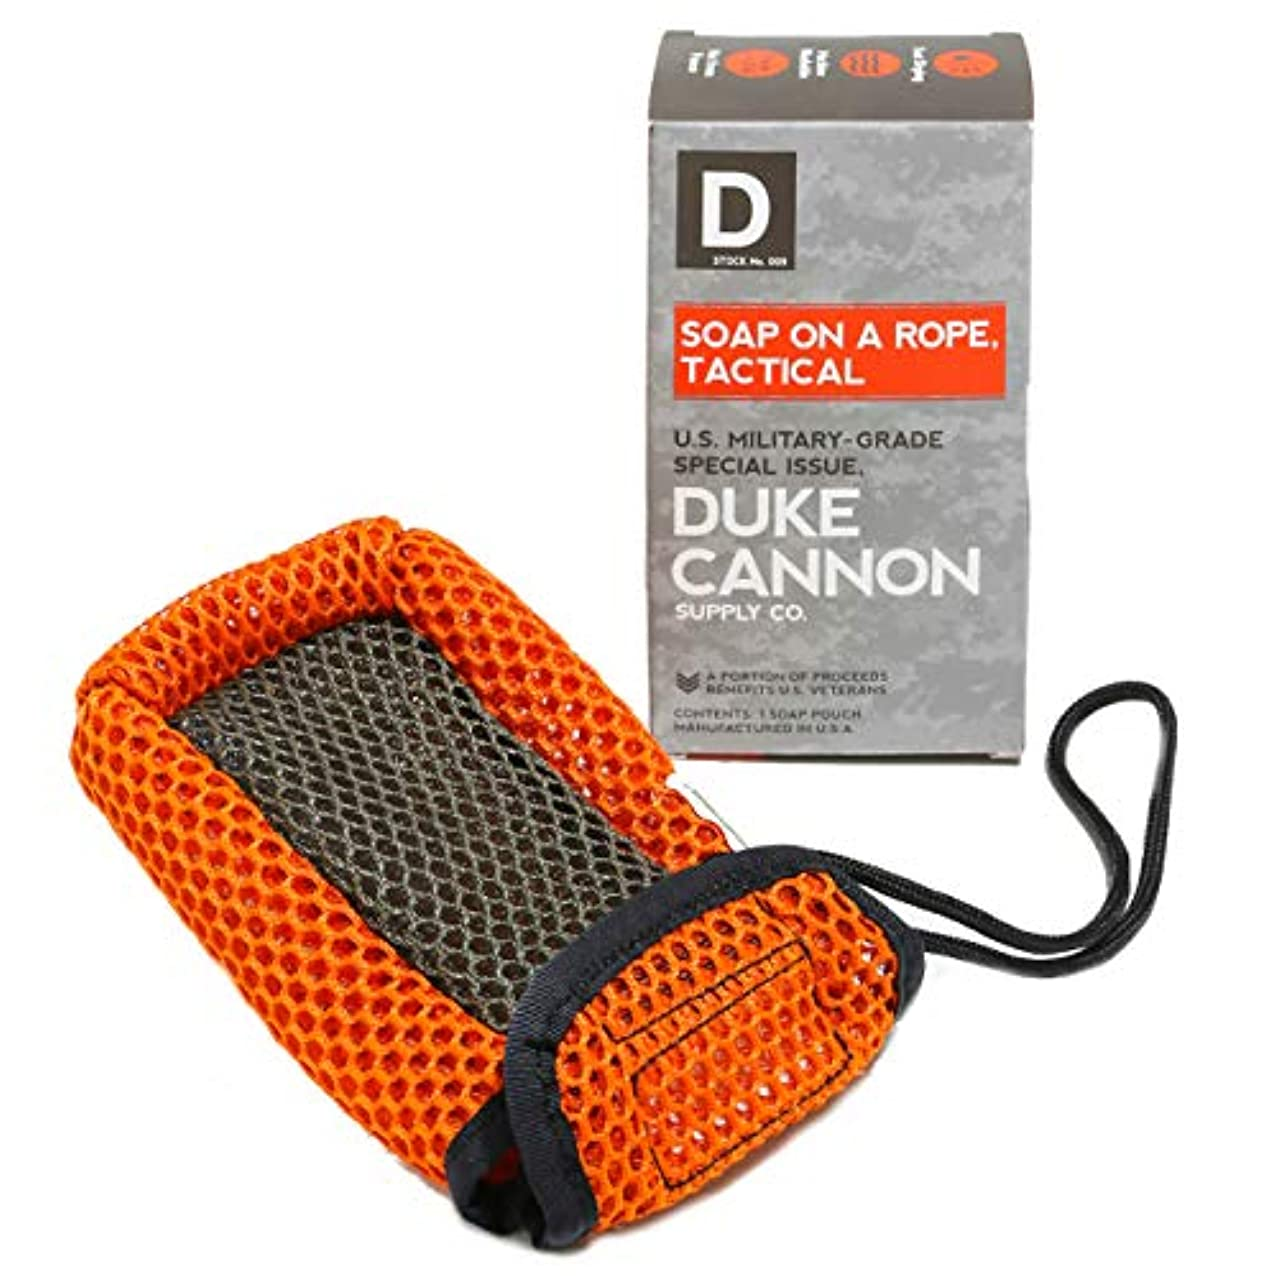 欠席センブランス最も遠いDuke Cannon ロープのポーチには戦術的なソープ